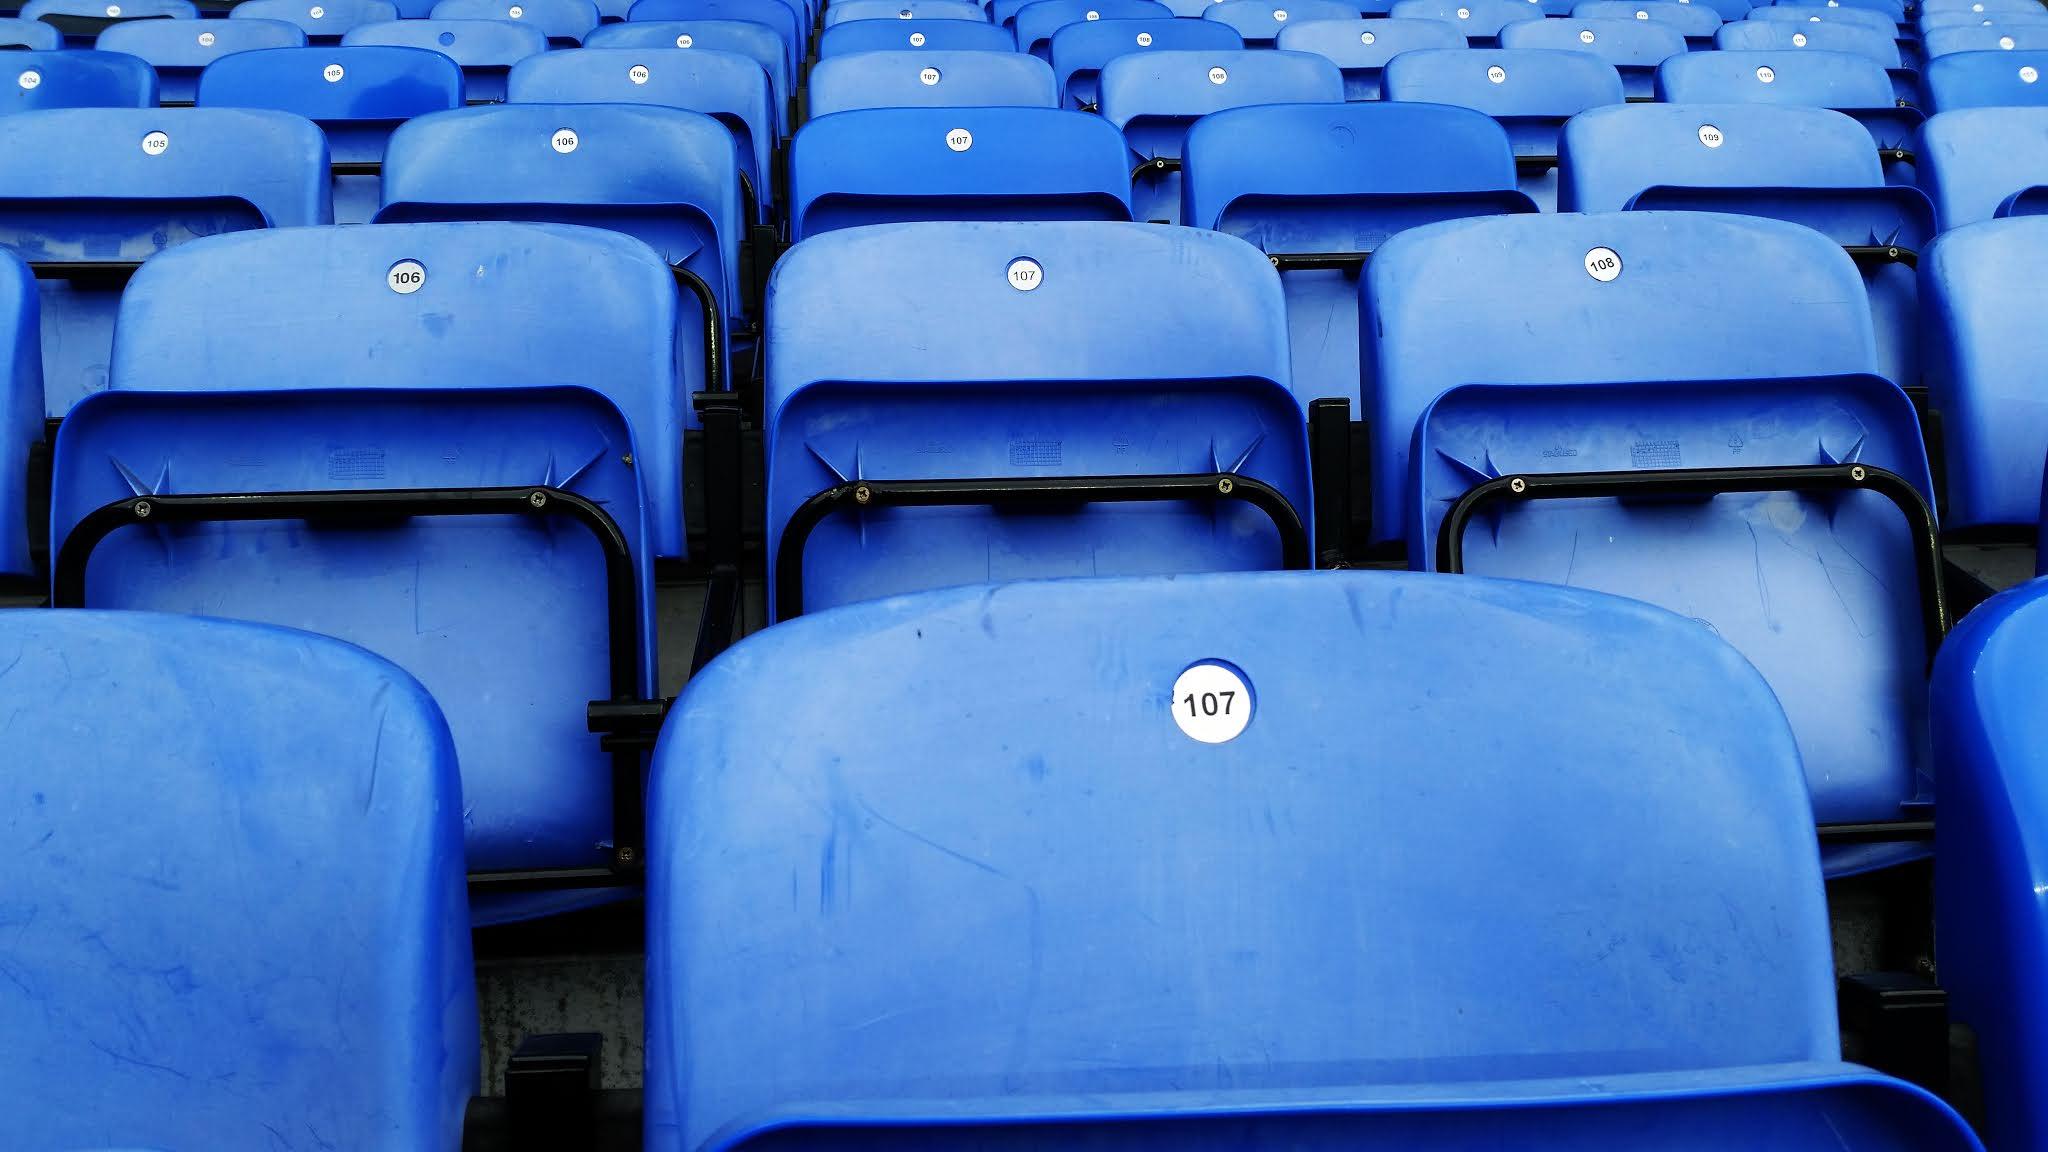 Seats at the Madejski Stadium